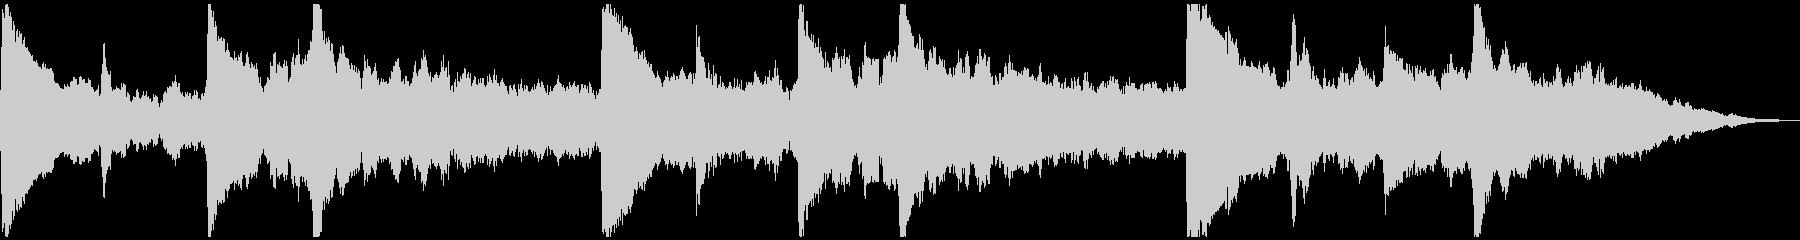 5秒CM用、サウンドロゴverBの未再生の波形